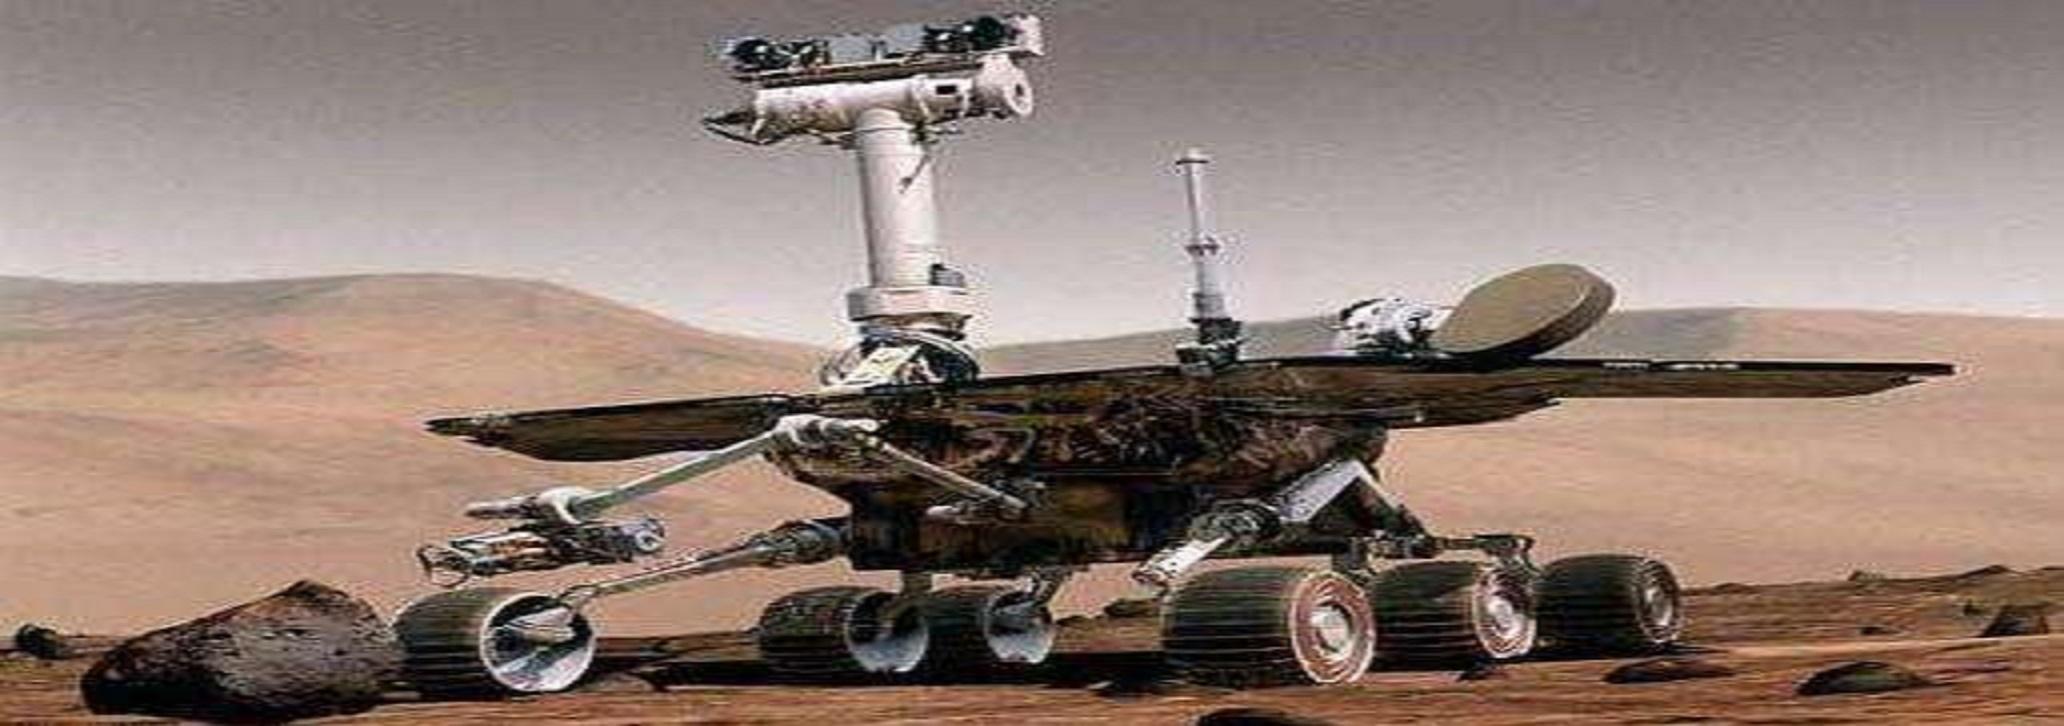 中国火星探测任务首次公开亮相 计划于2020年择机实施